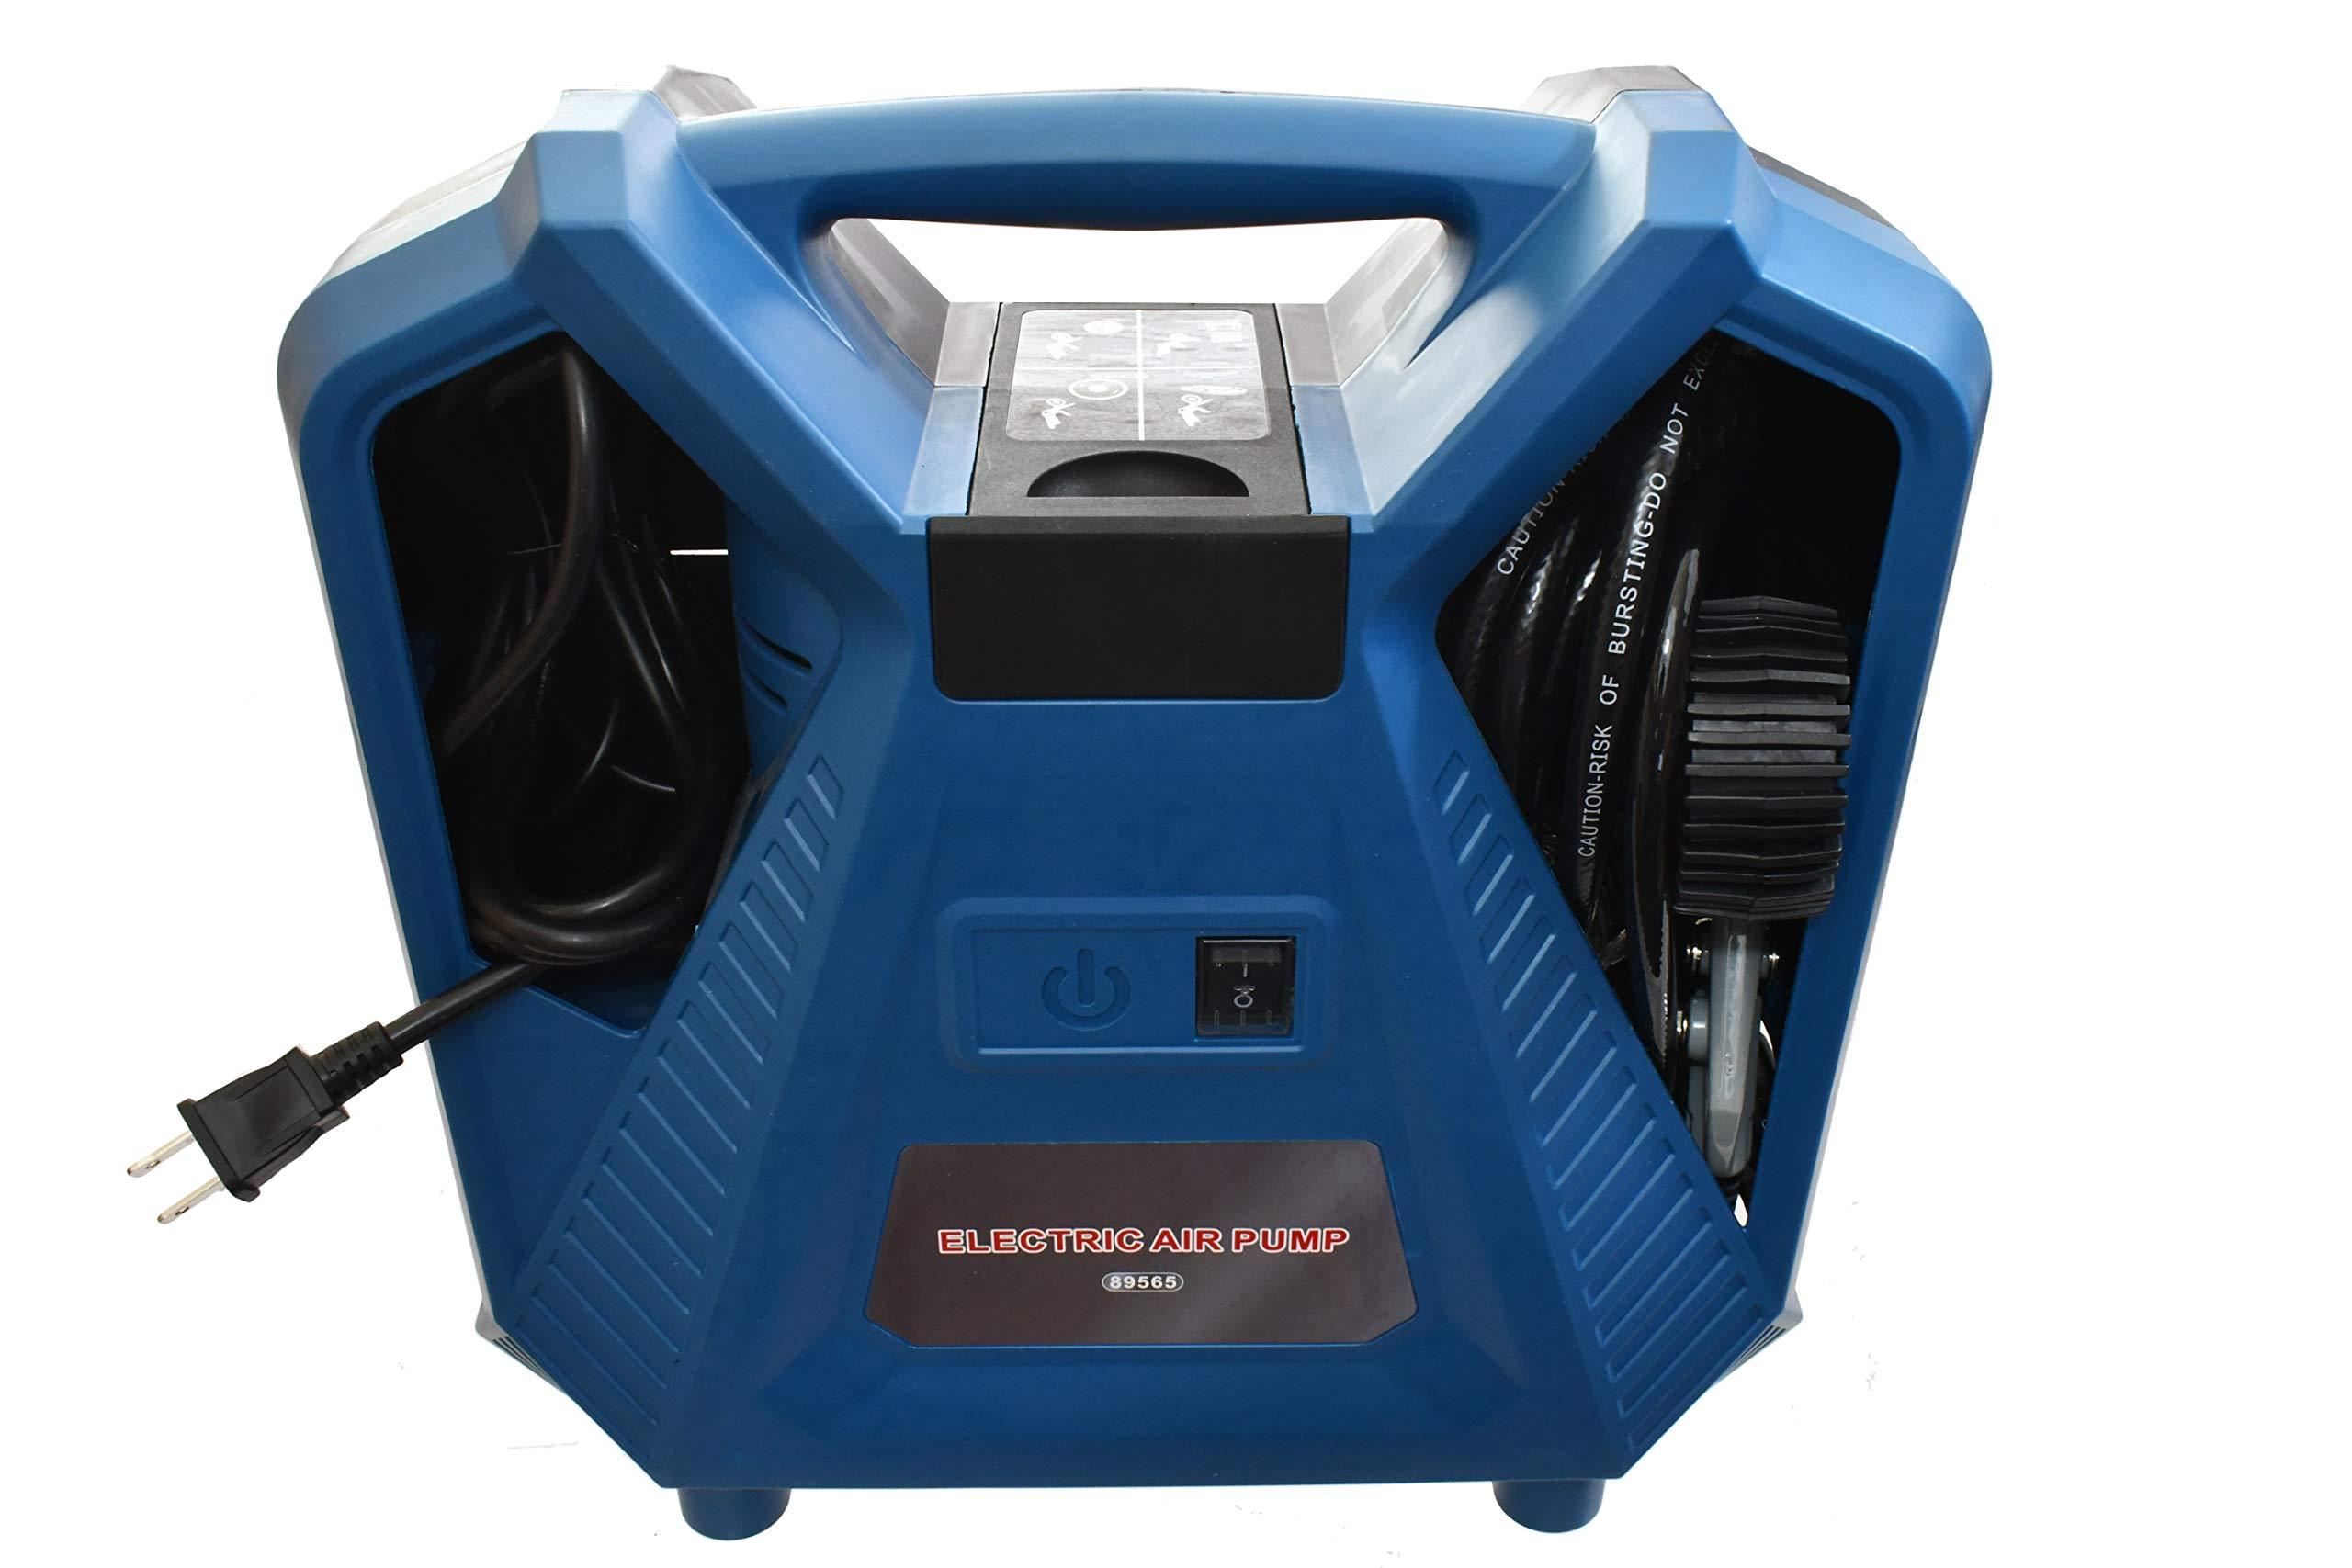 Pro Air Compressor 1.5HP 115 psi 6.3 CFM Air Compressor 120 Volt